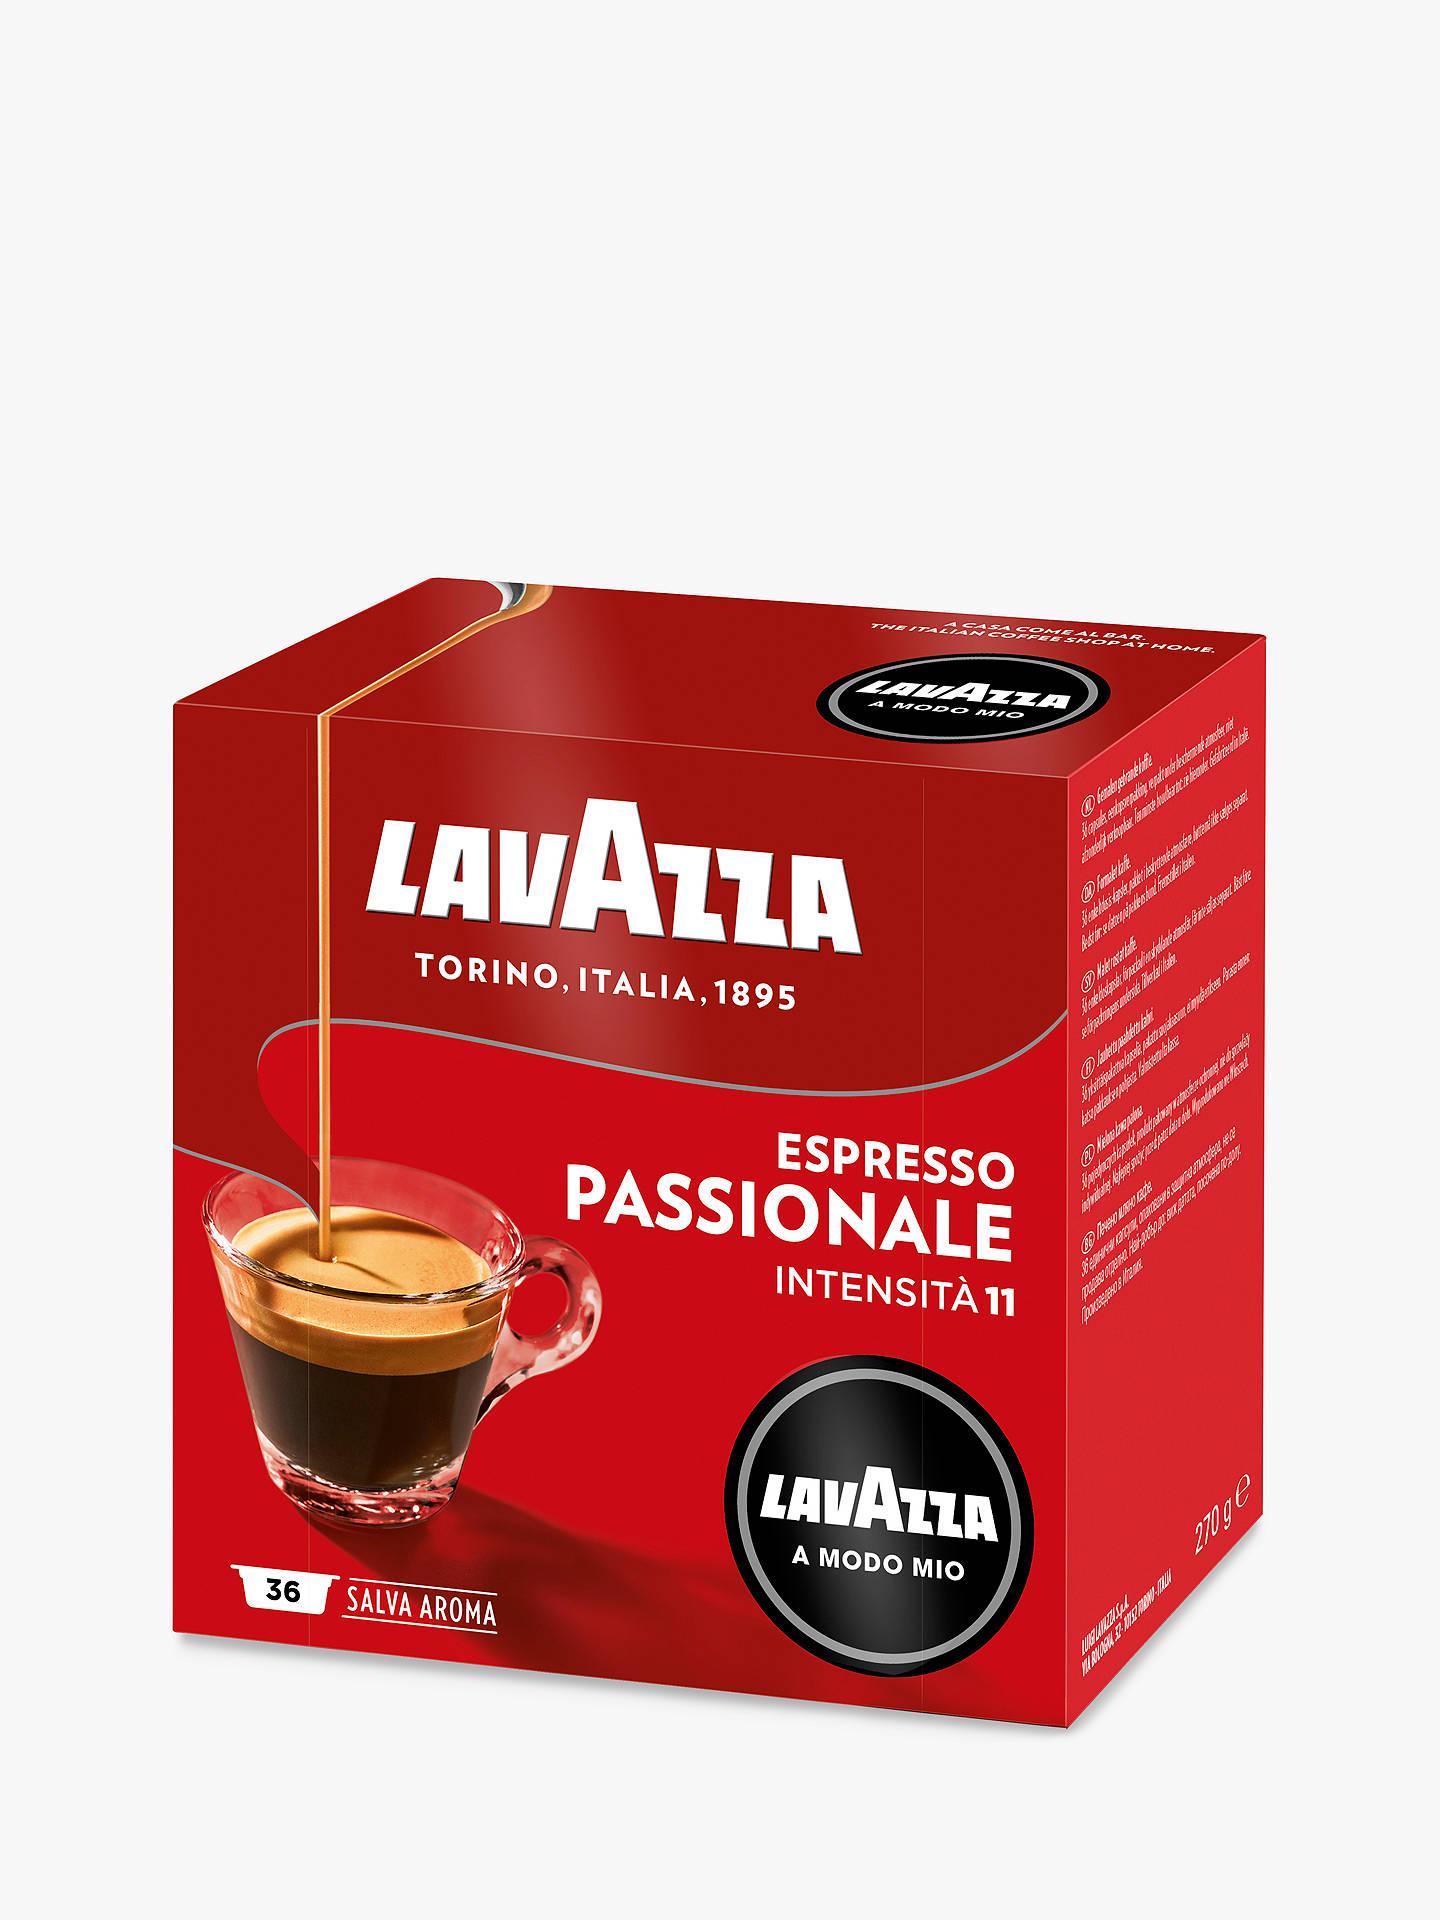 Lavazza Passionale A Modo Mio Espresso Capsules Pack Of 16